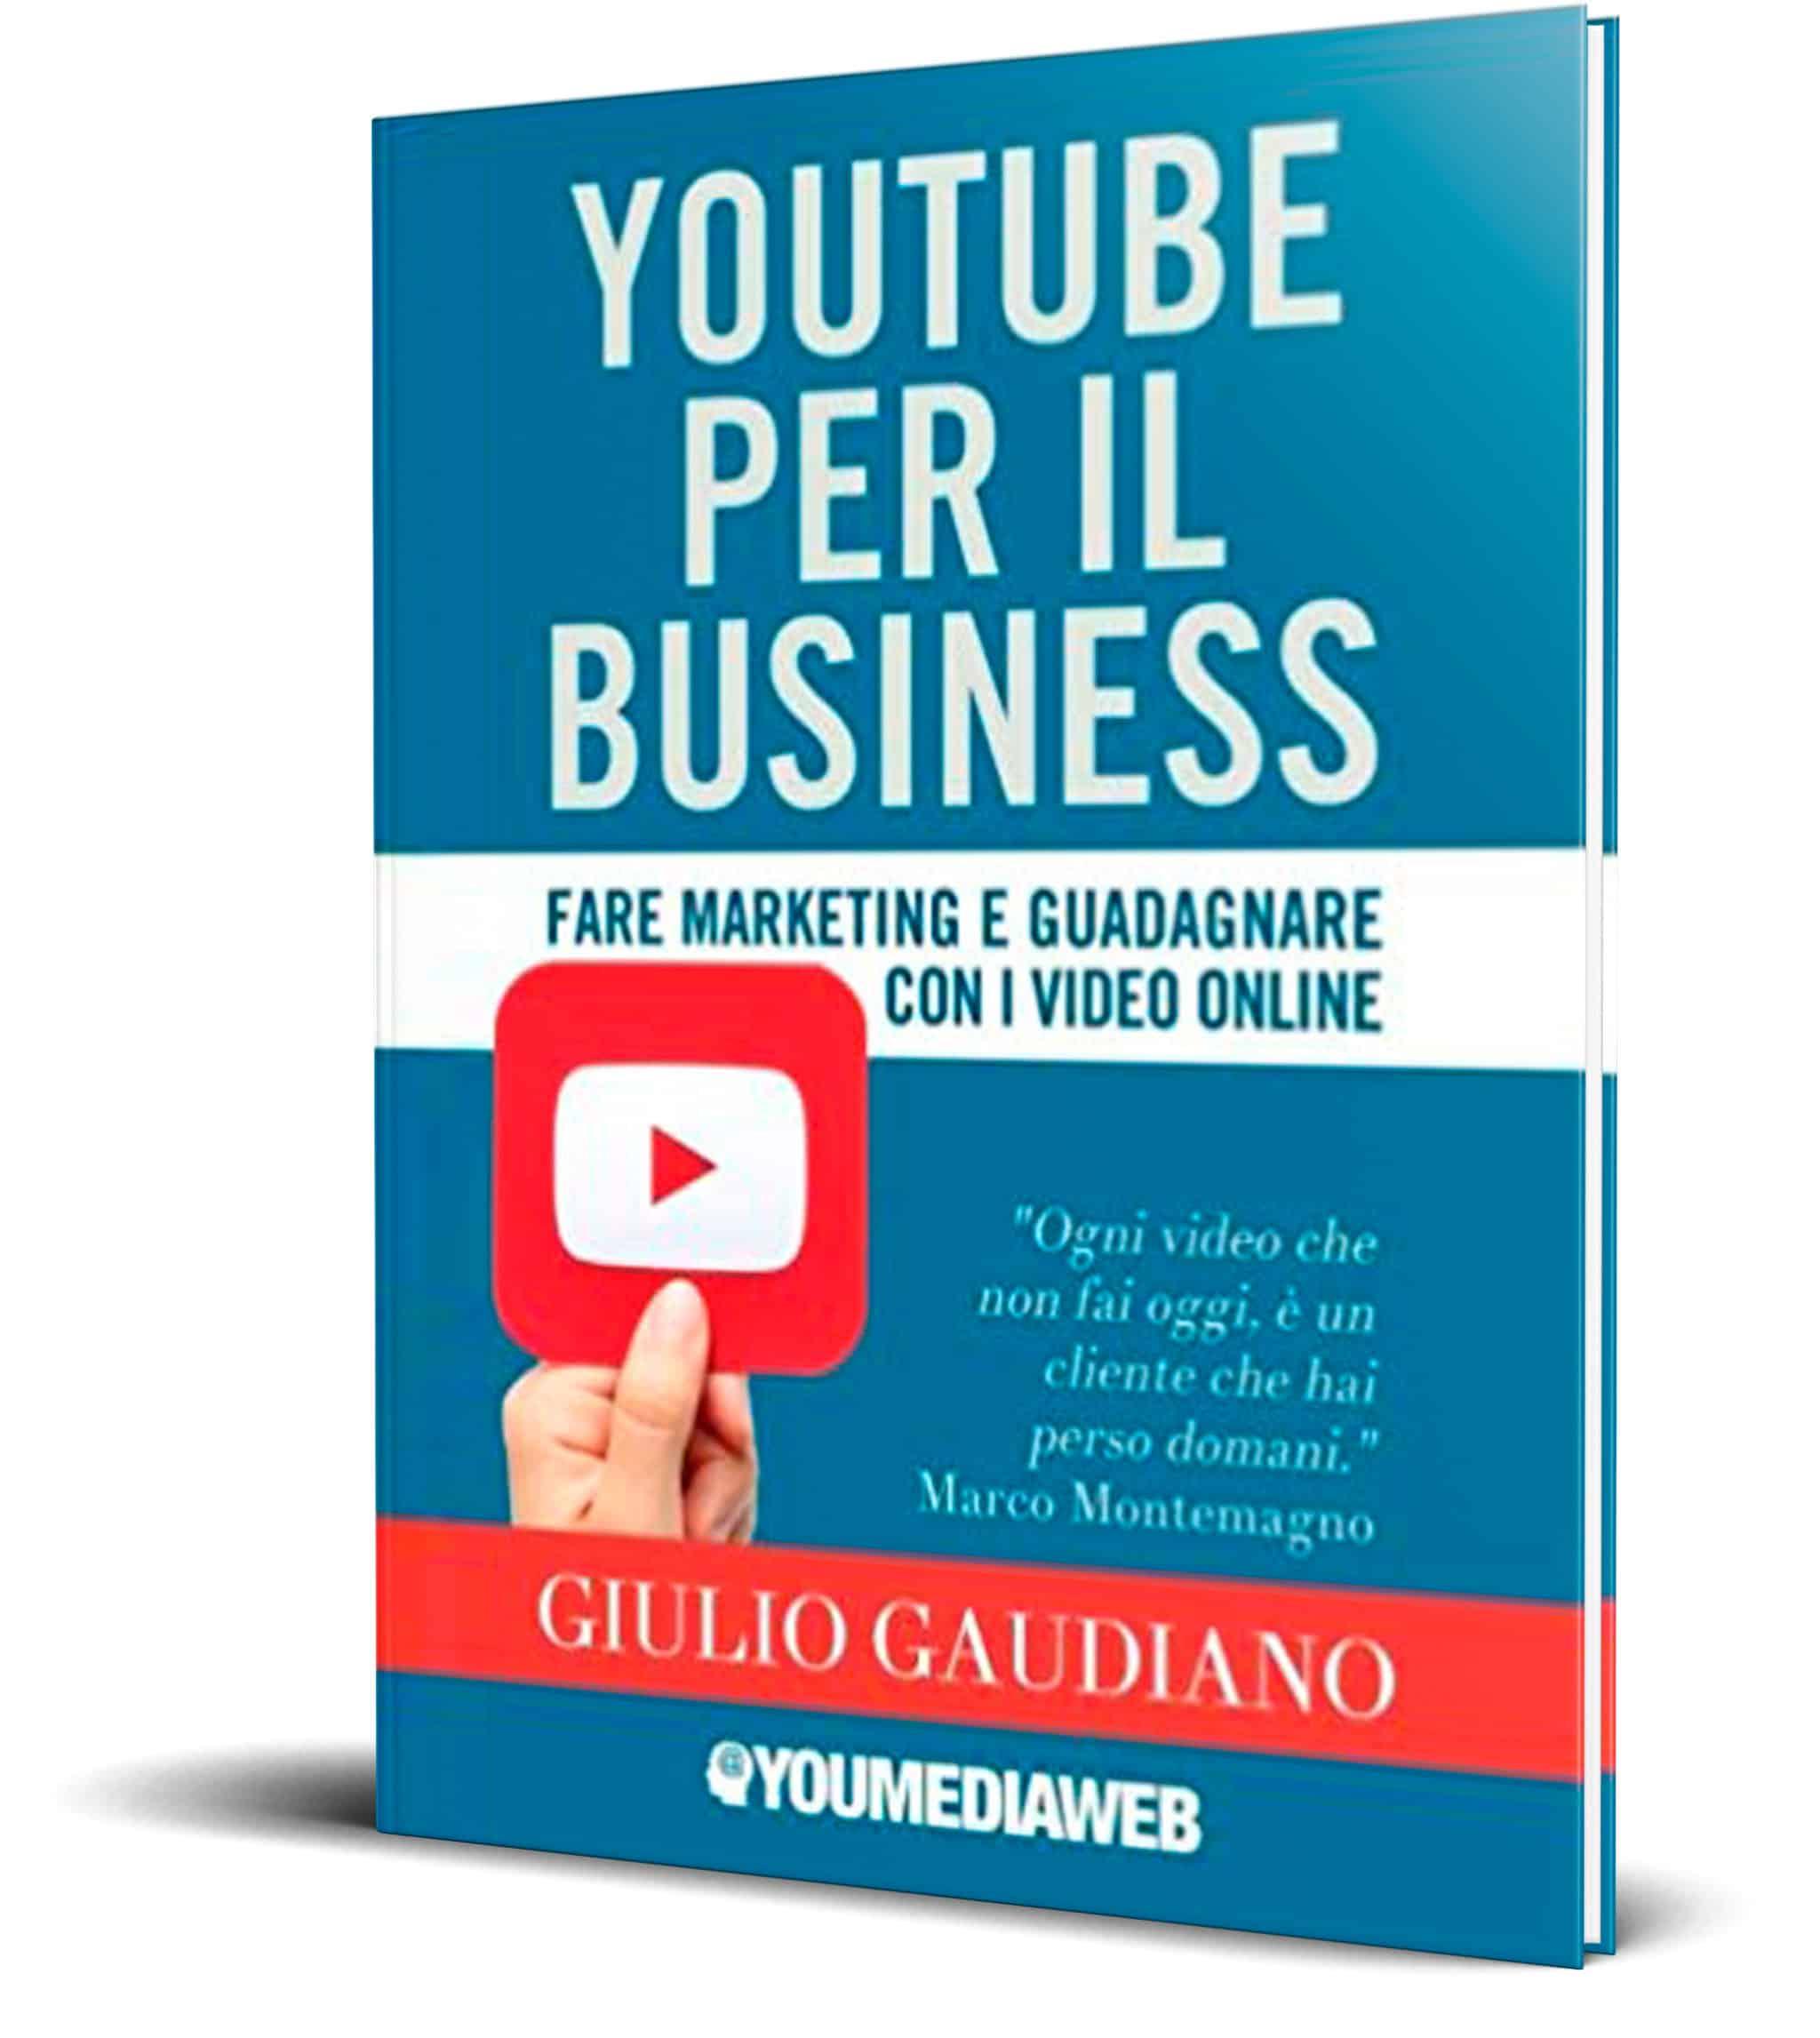 YouTube per il business: Fare marketing e guadagnare con i video online